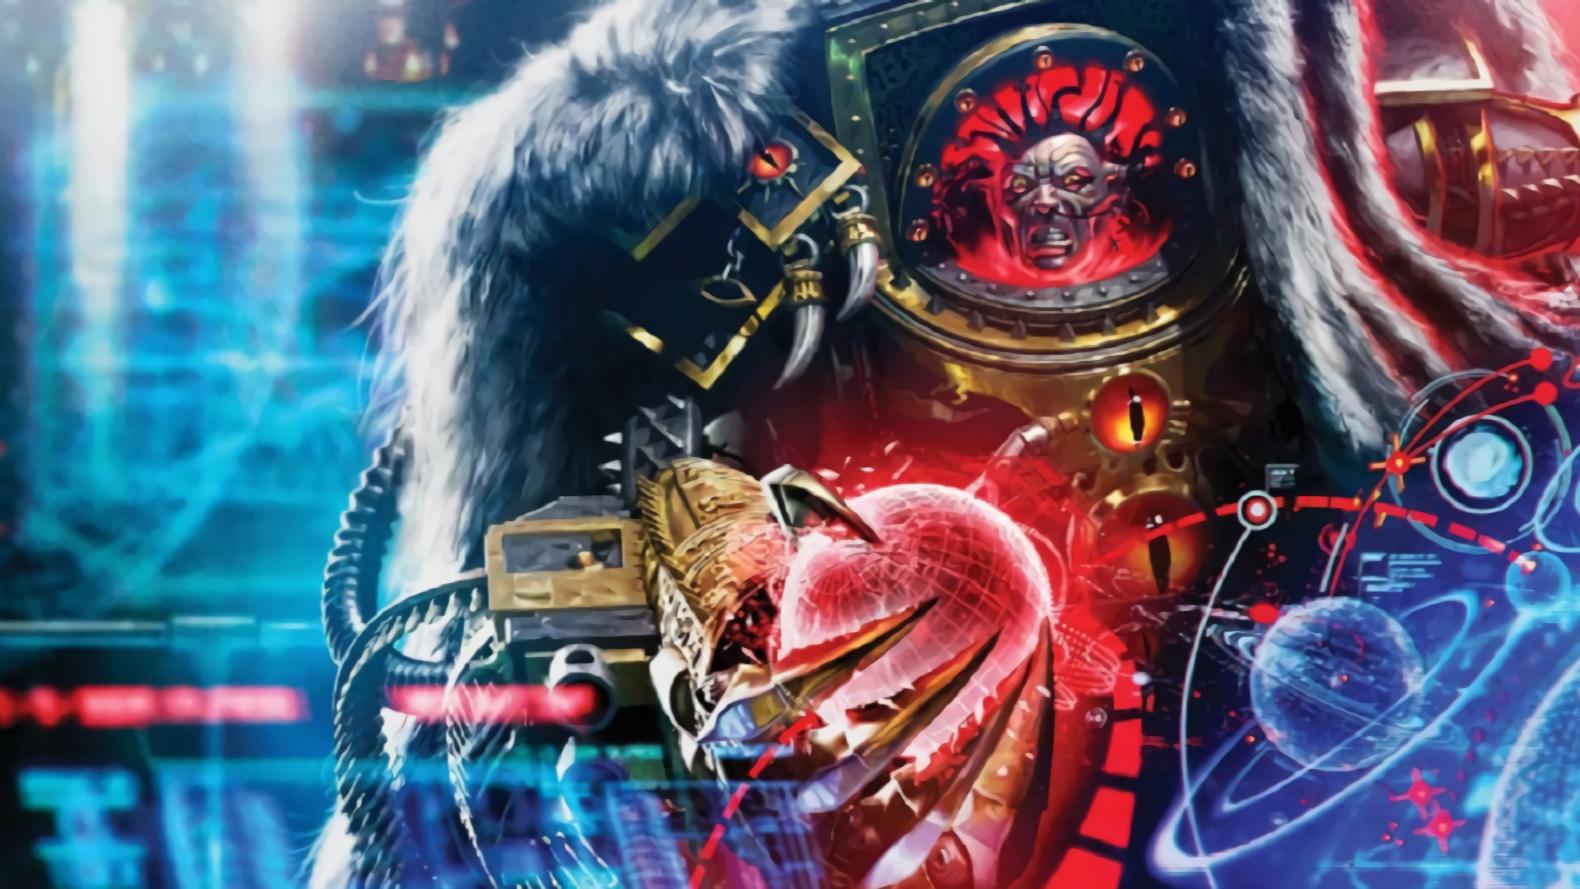 【达奇】他拥有混沌之力 誓要成为新的人类之主 《战锤40K》背后的故事